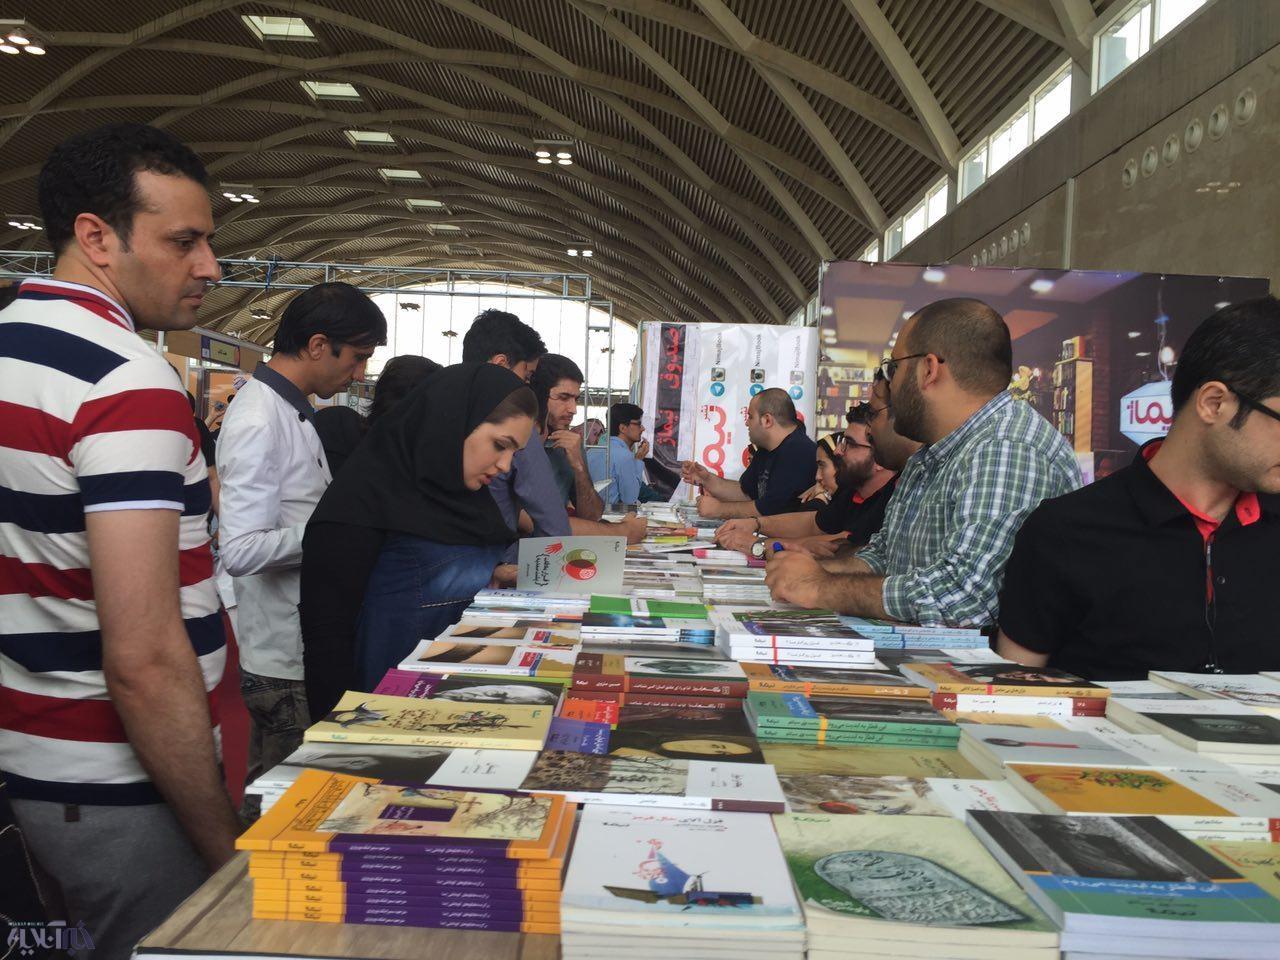 استقبال مردم در نهمین روز نمایشگاه کتاب به اوج رسید